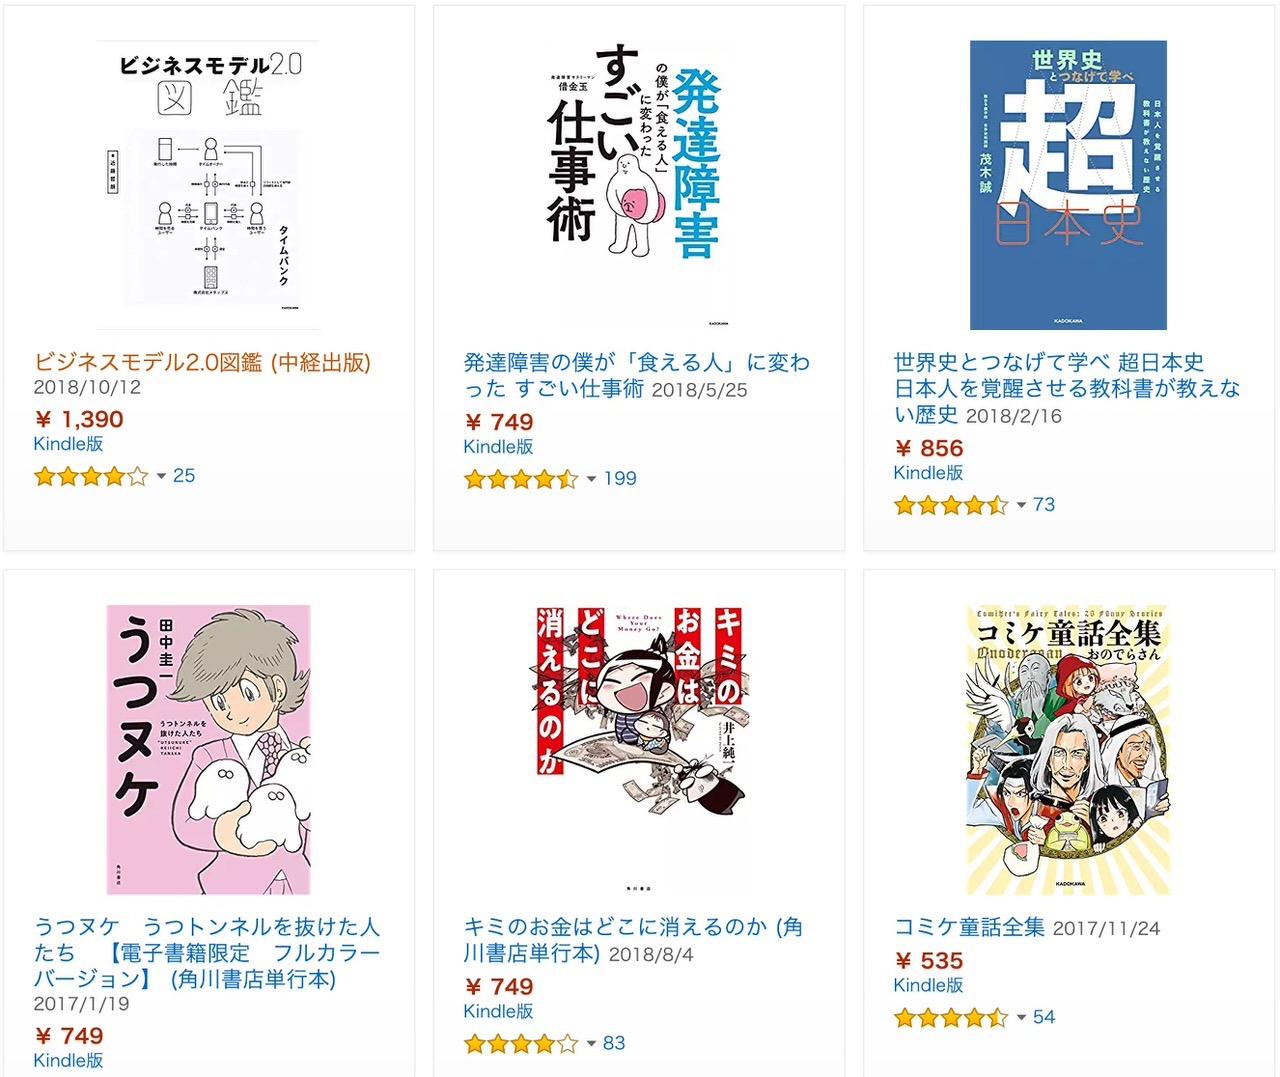 【Kindleセール】3,000冊以上が対象!50%OFF「KADOKAWA冬の読書応援フェア」(2/21まで)